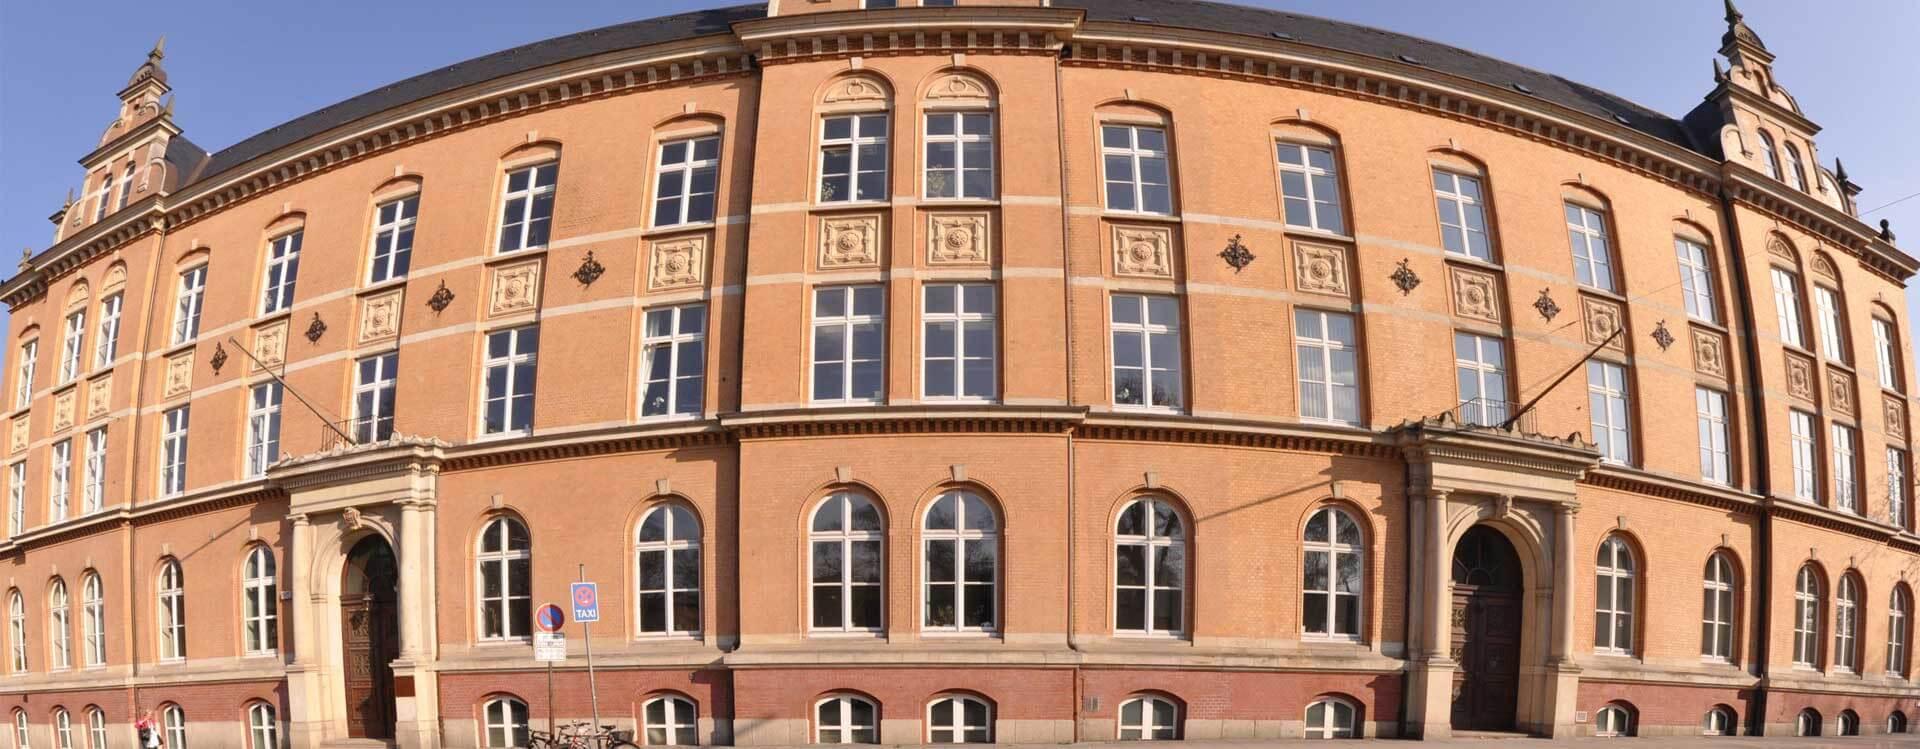 Staatsanwaltschaft | Strafverteidiger für die Revision gegen Urteile der Staatsanwaltschaft Hamburg